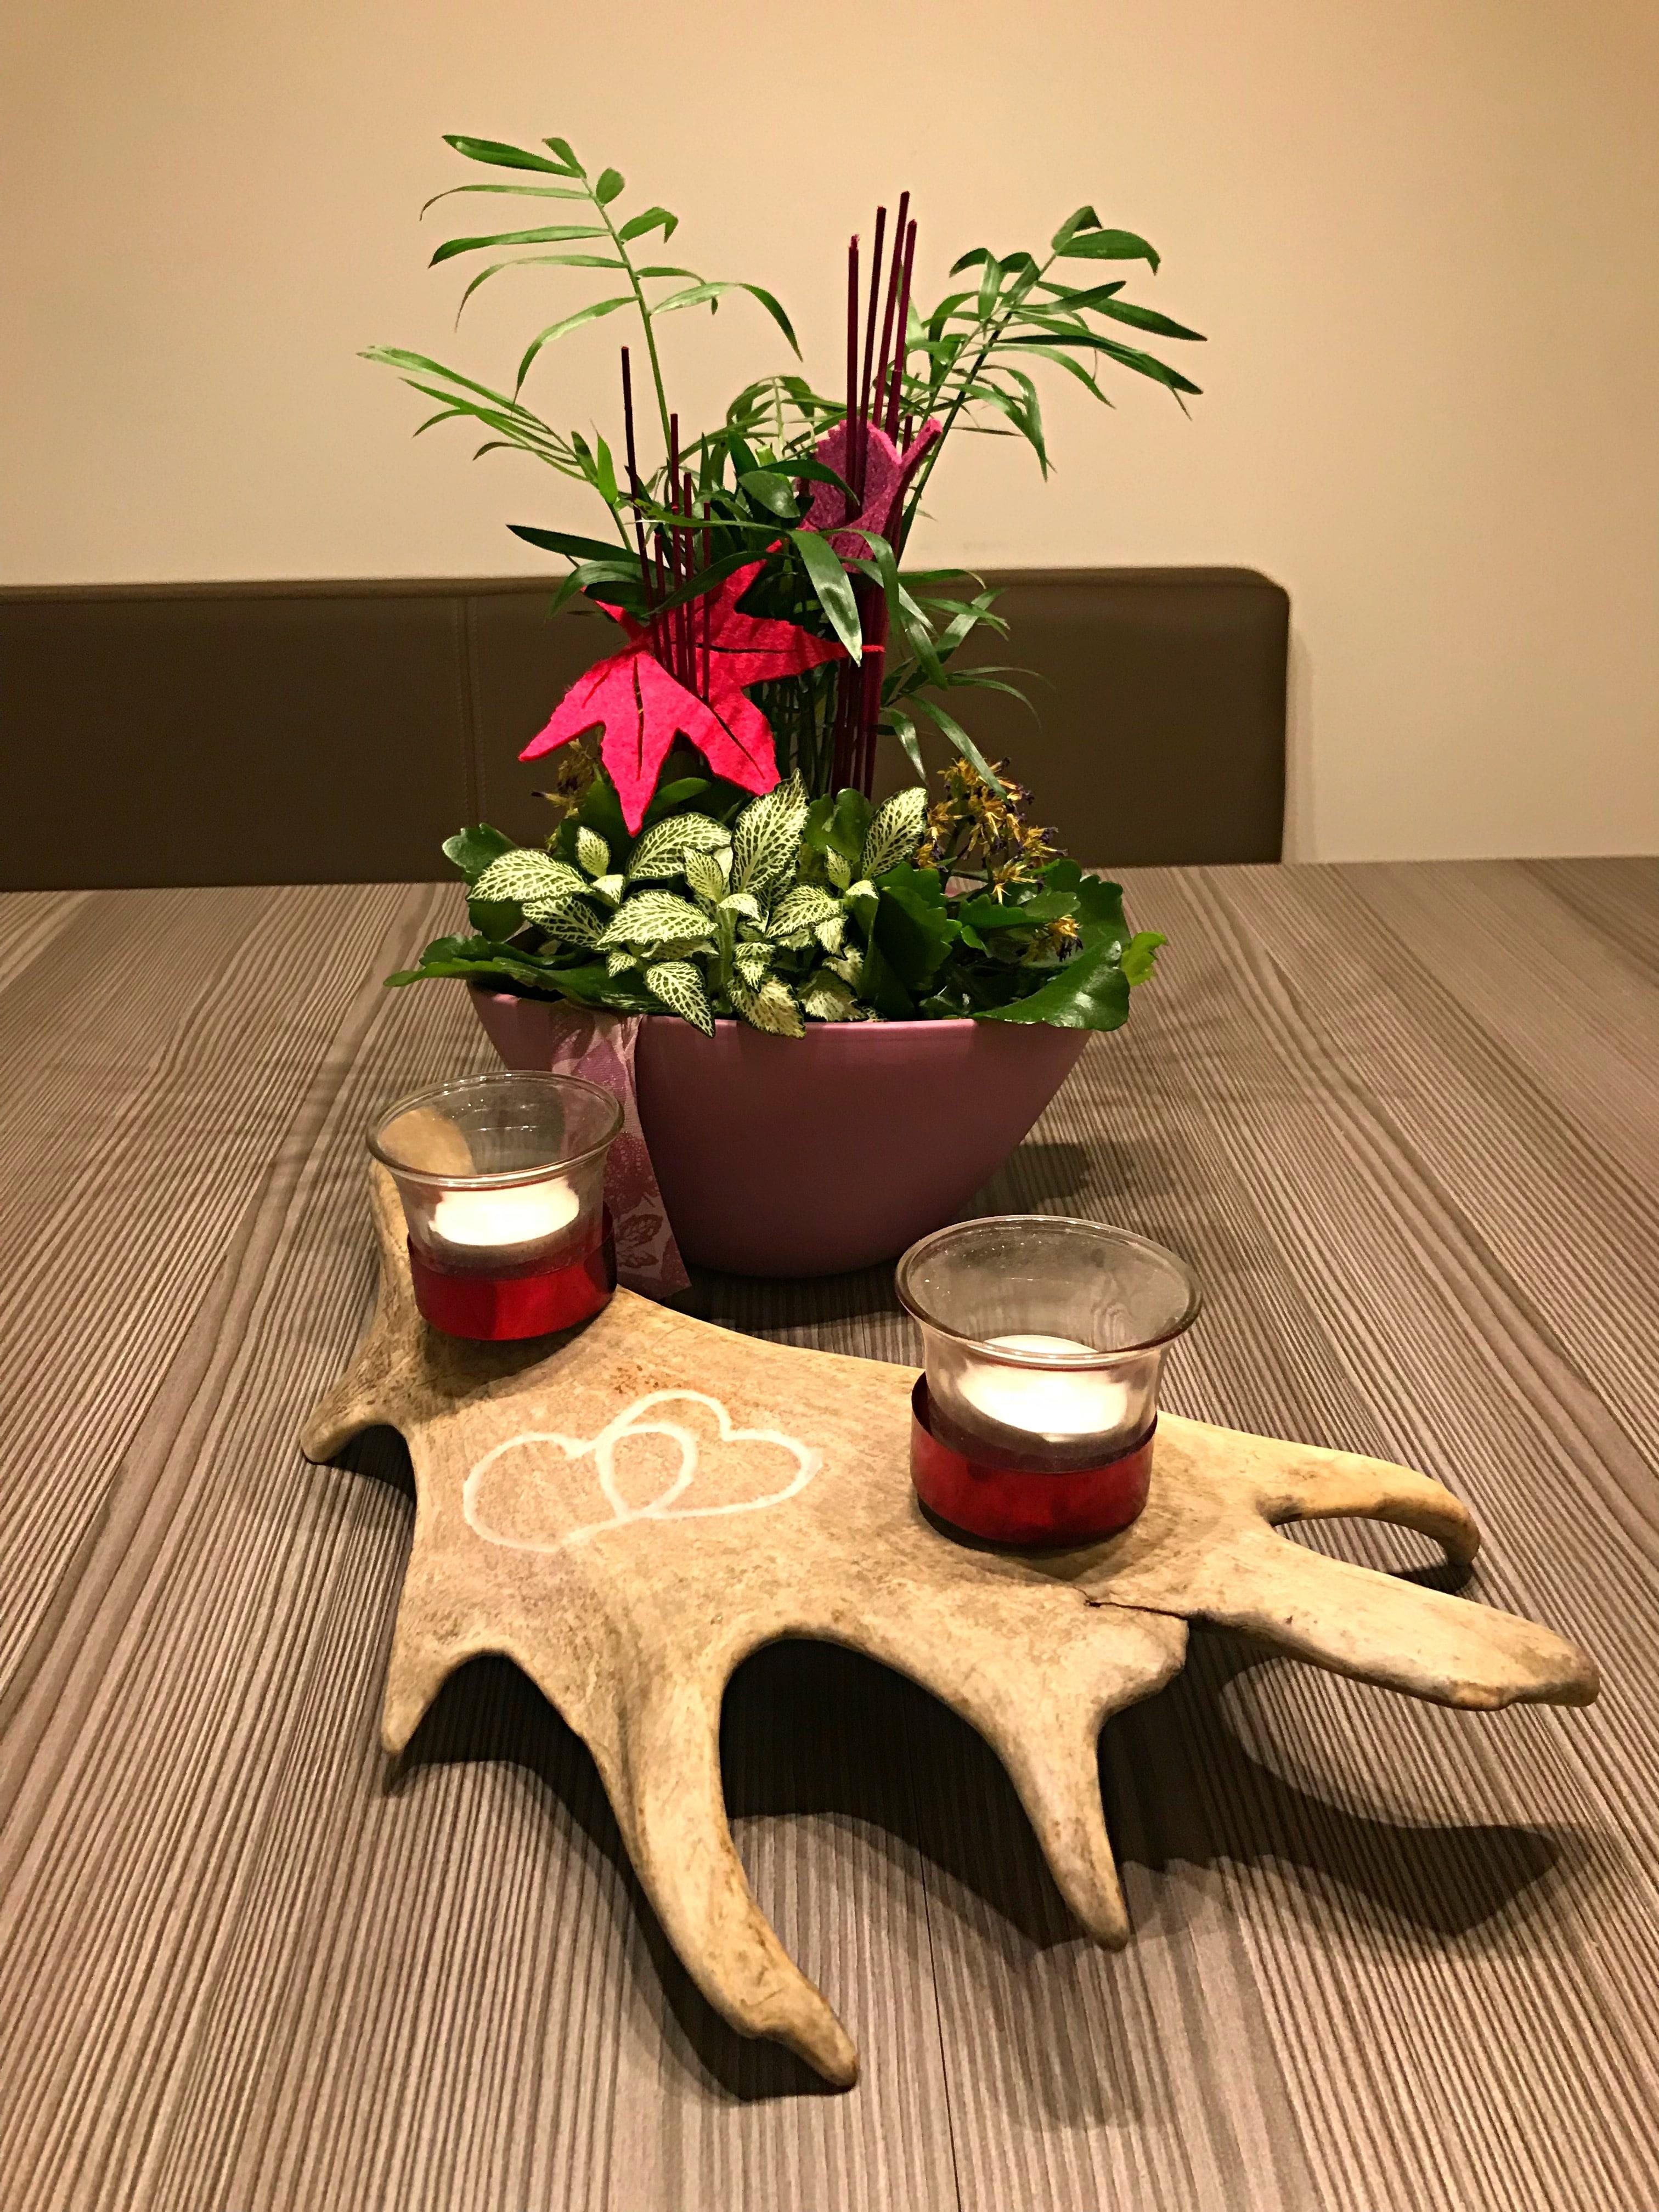 Teelichthalter, Geweih Deko, Hirschgeweih Deko, Damhirsch, Einrichtung, modern, personalisiertes Geschenk, Geschenk für Jäger